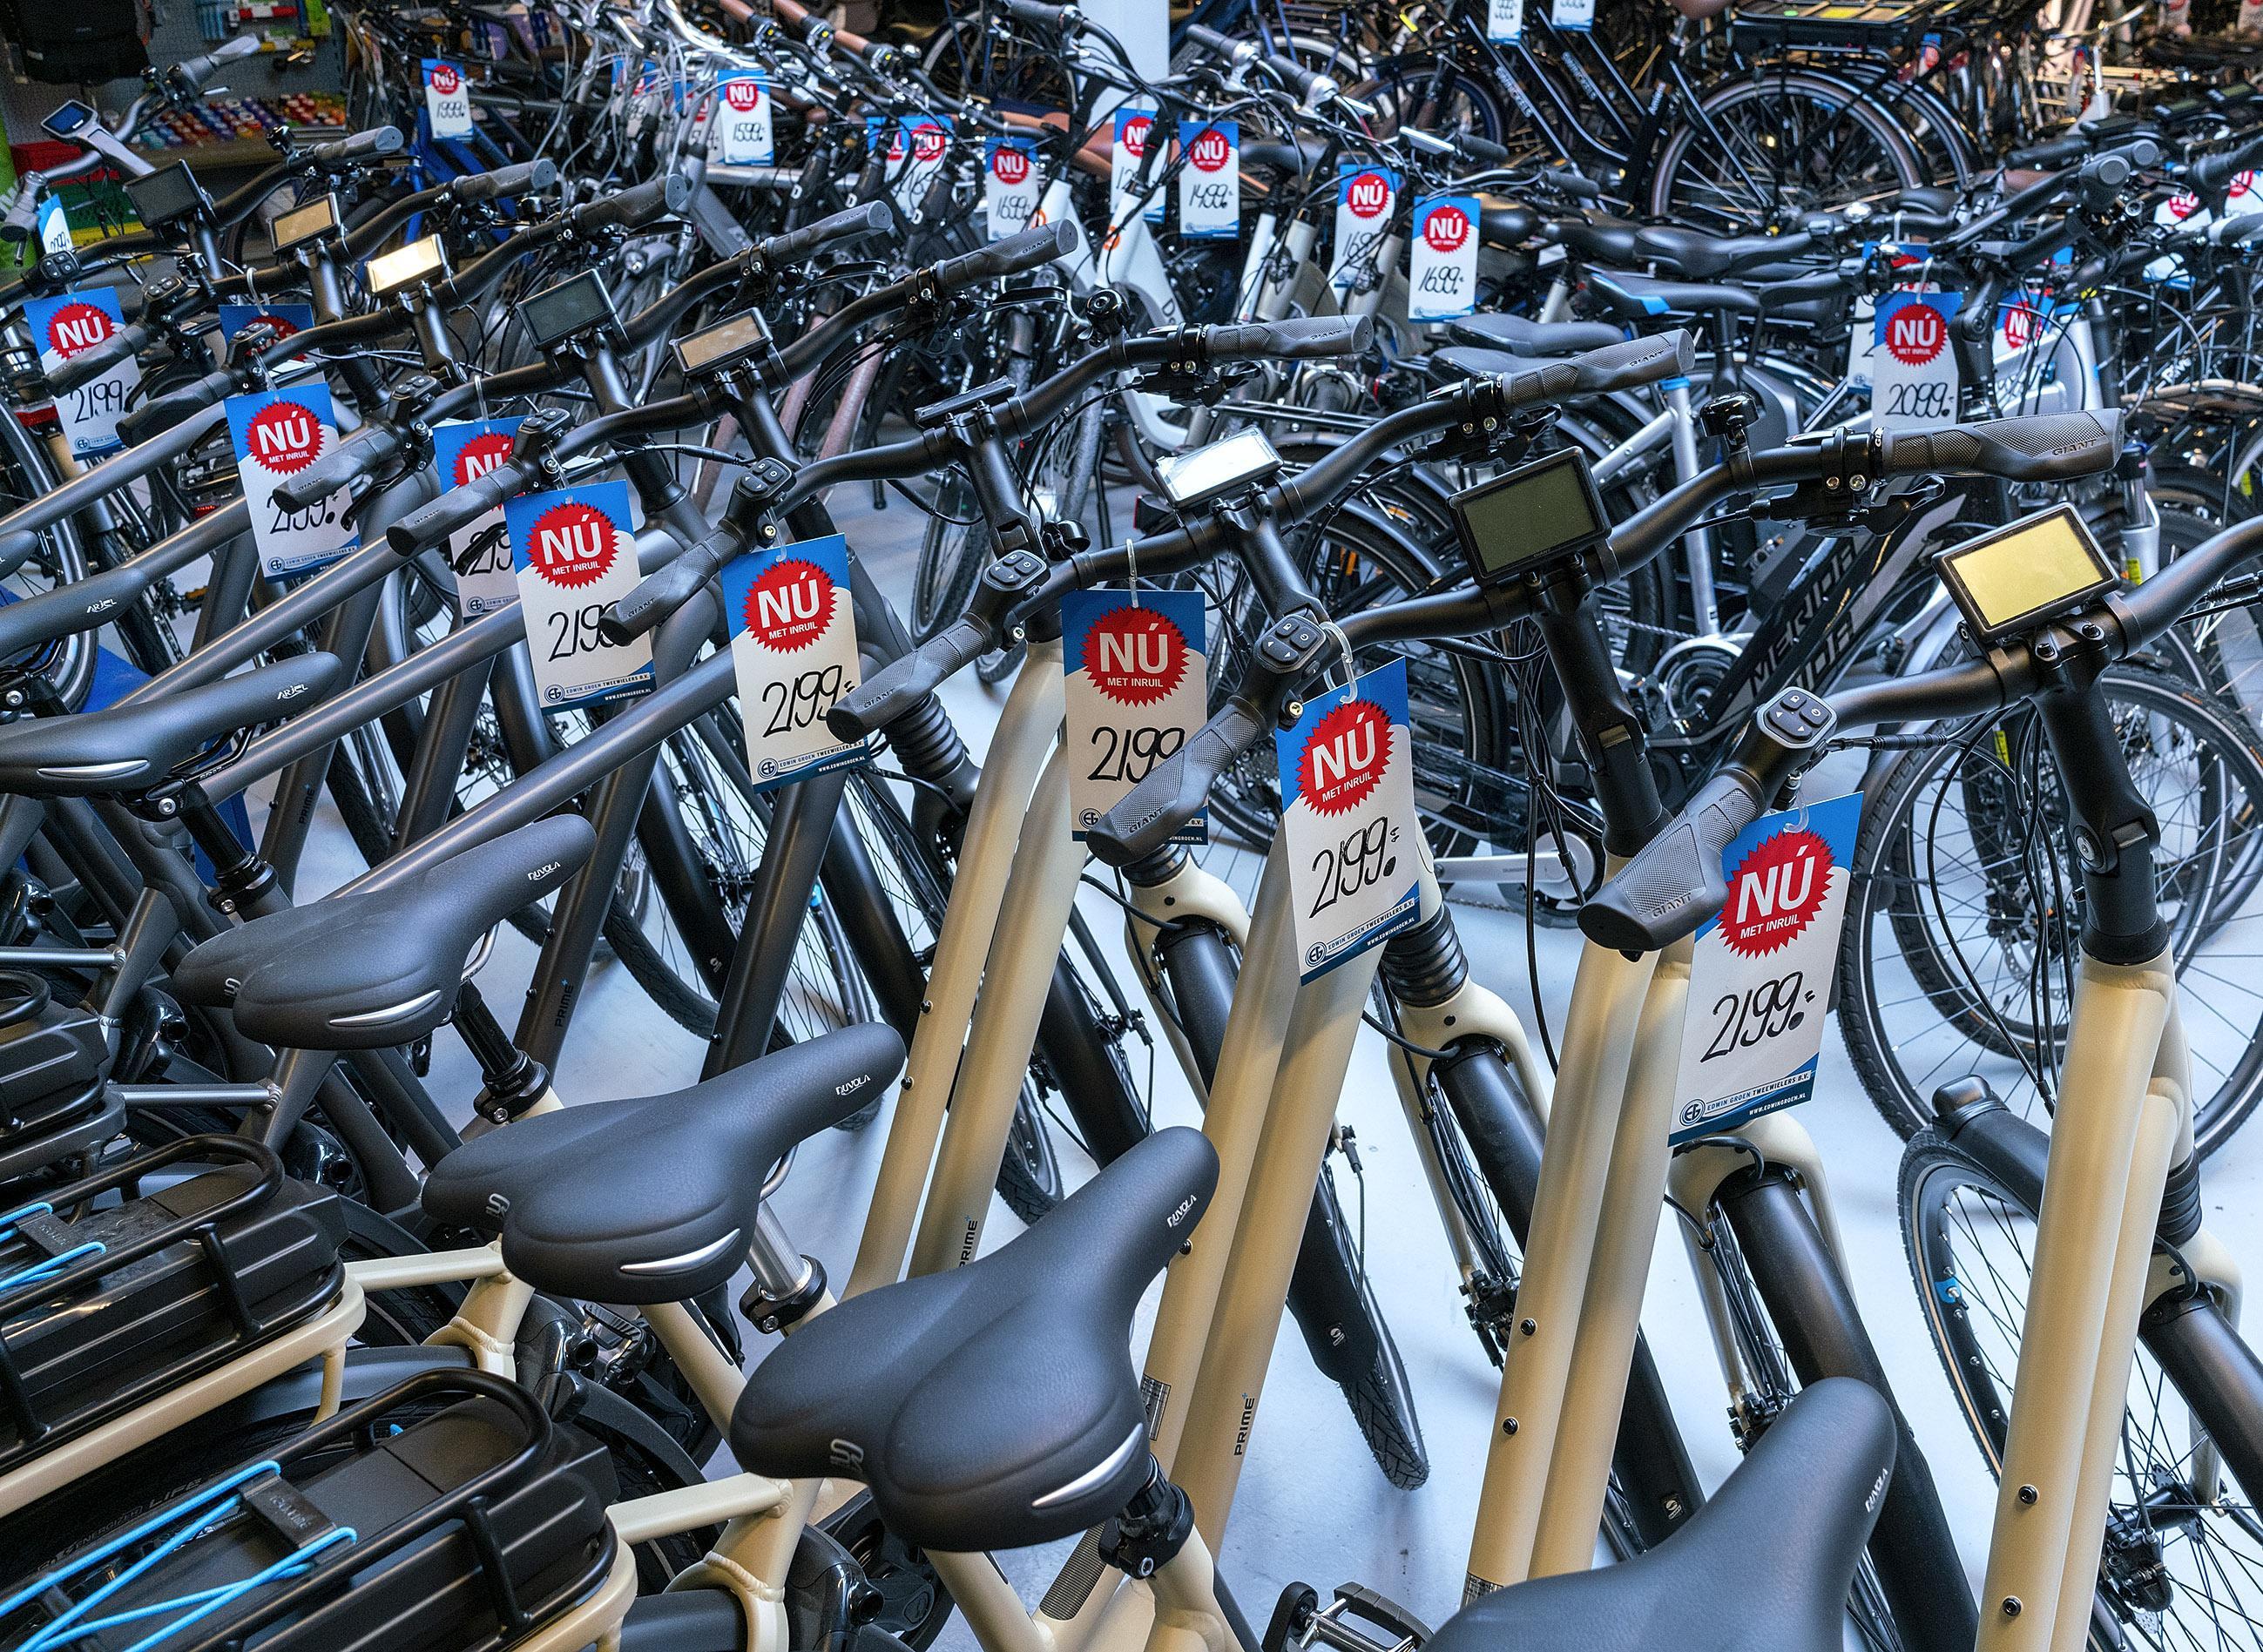 Verkoop fietsen, e-bikes en scooters in regio Alkmaar loopt als een speer:'Veel mensen houden centjes over, omdat ze door corona niet op vakantie kunnen'